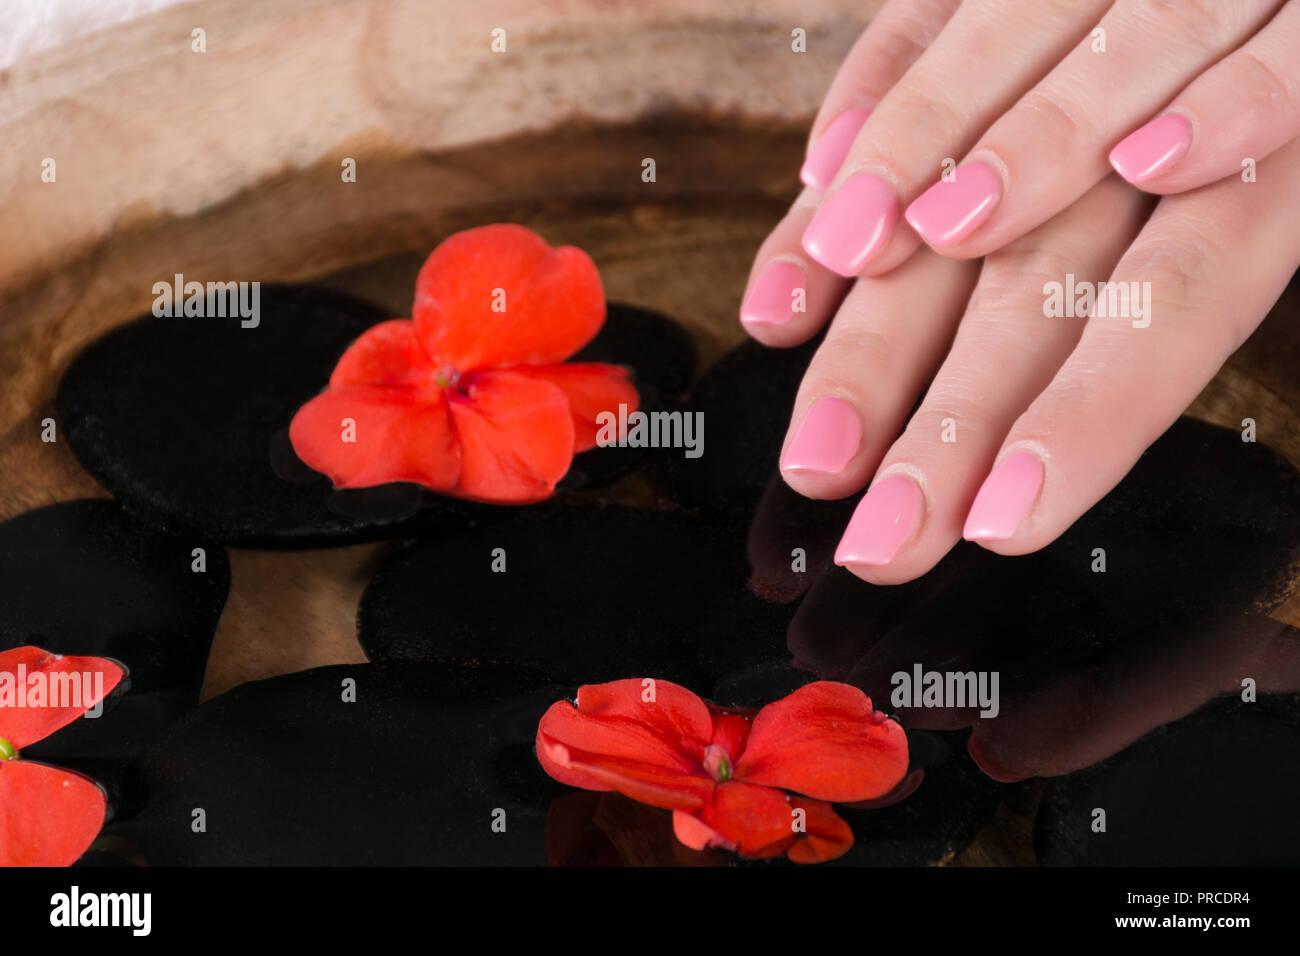 Mujer Dedo Con Rosa Manicura Uñas De Gel Polaca Sobre El